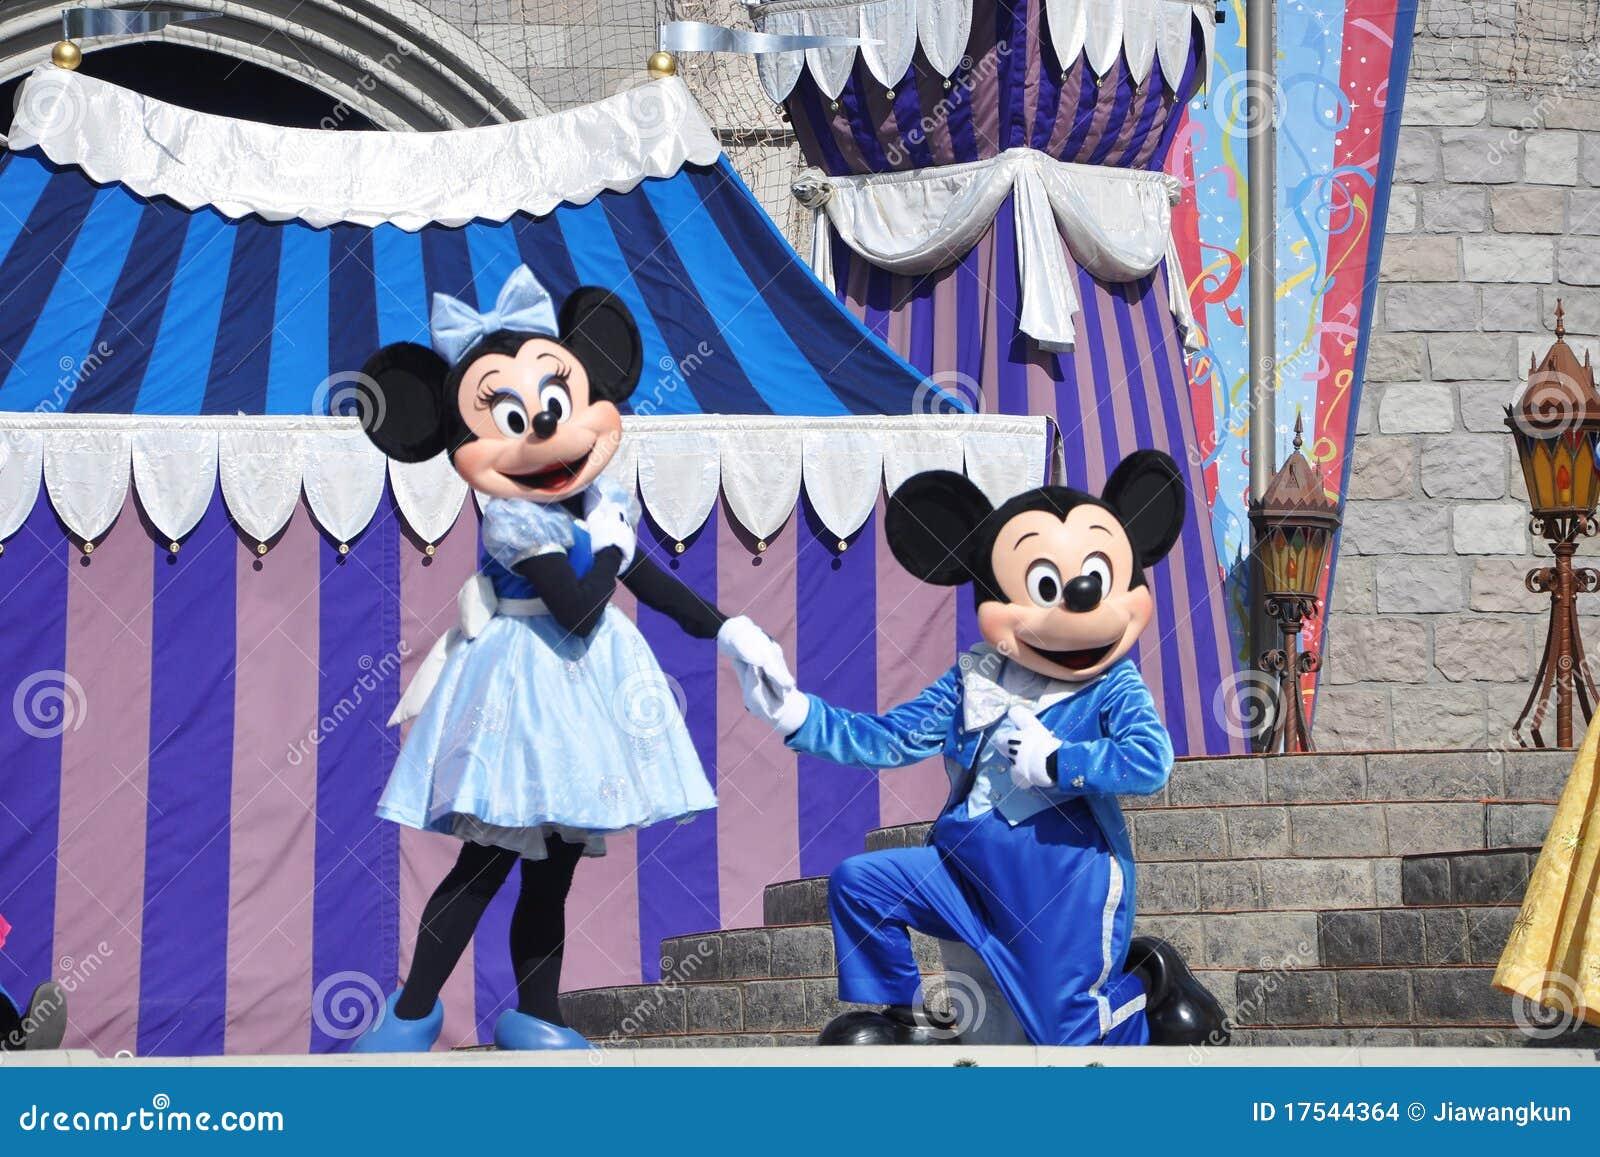 Mickey und Minnie Maus in der Disney-Welt